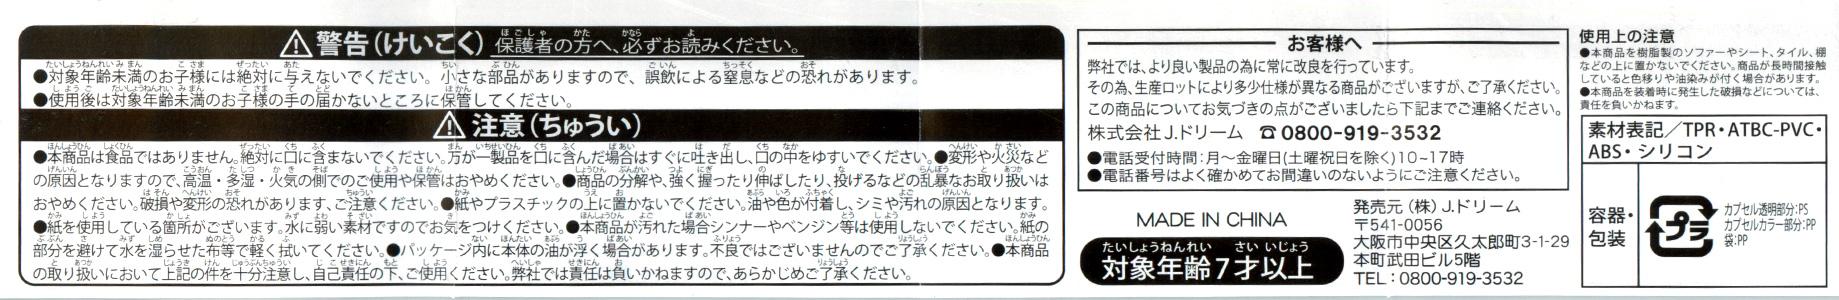 全国ご当地弁当これくしょんBC 3 [J.ドリーム]